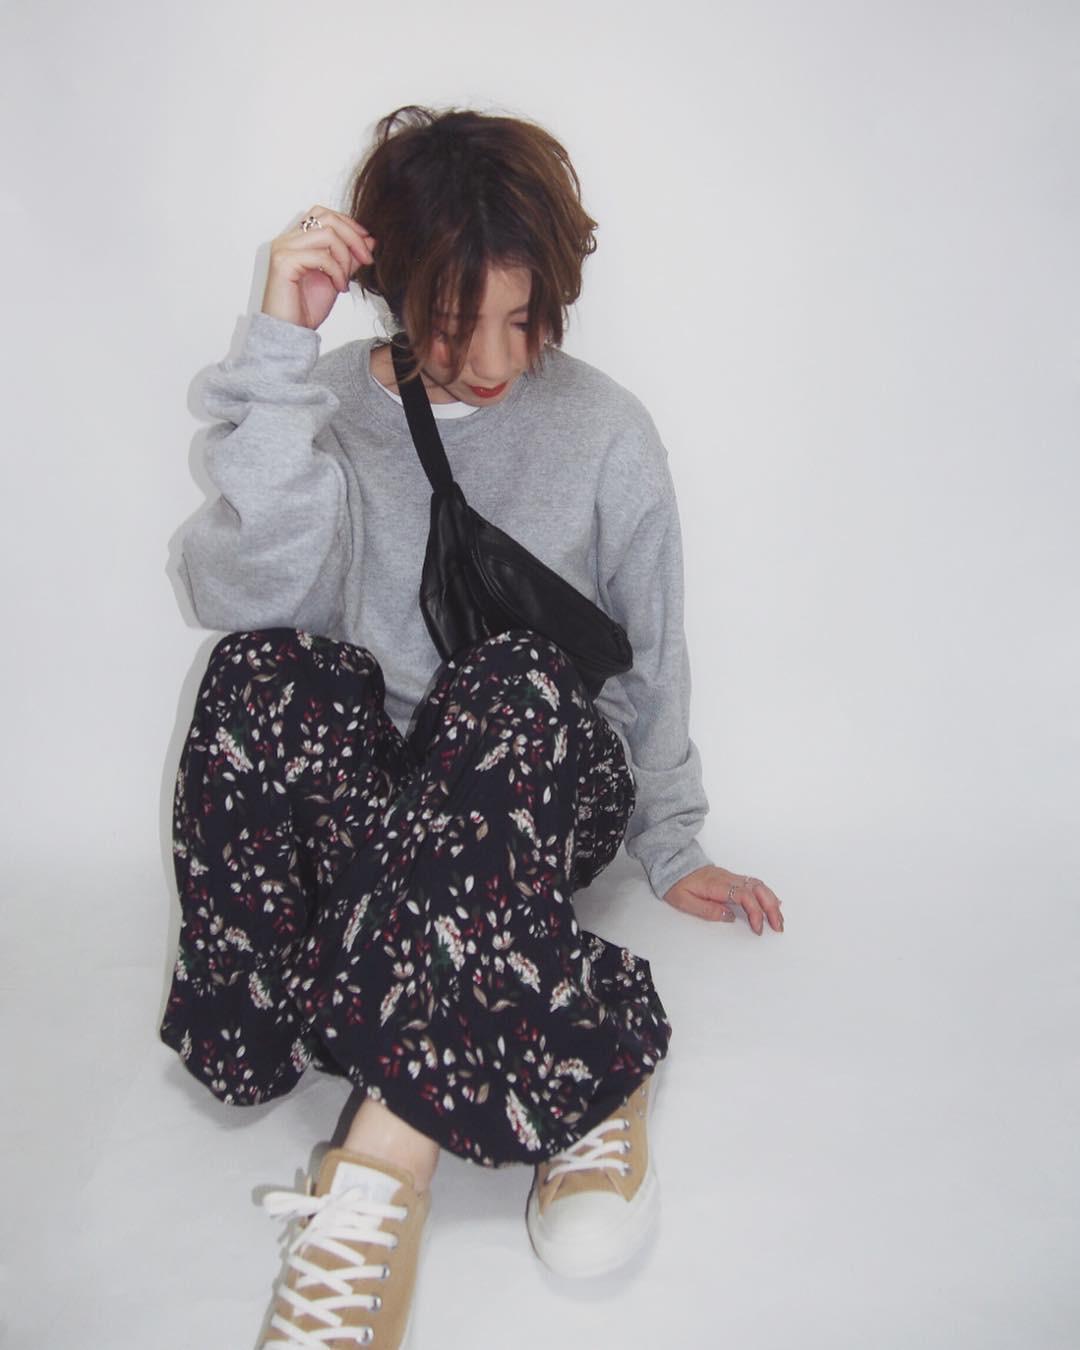 misato36